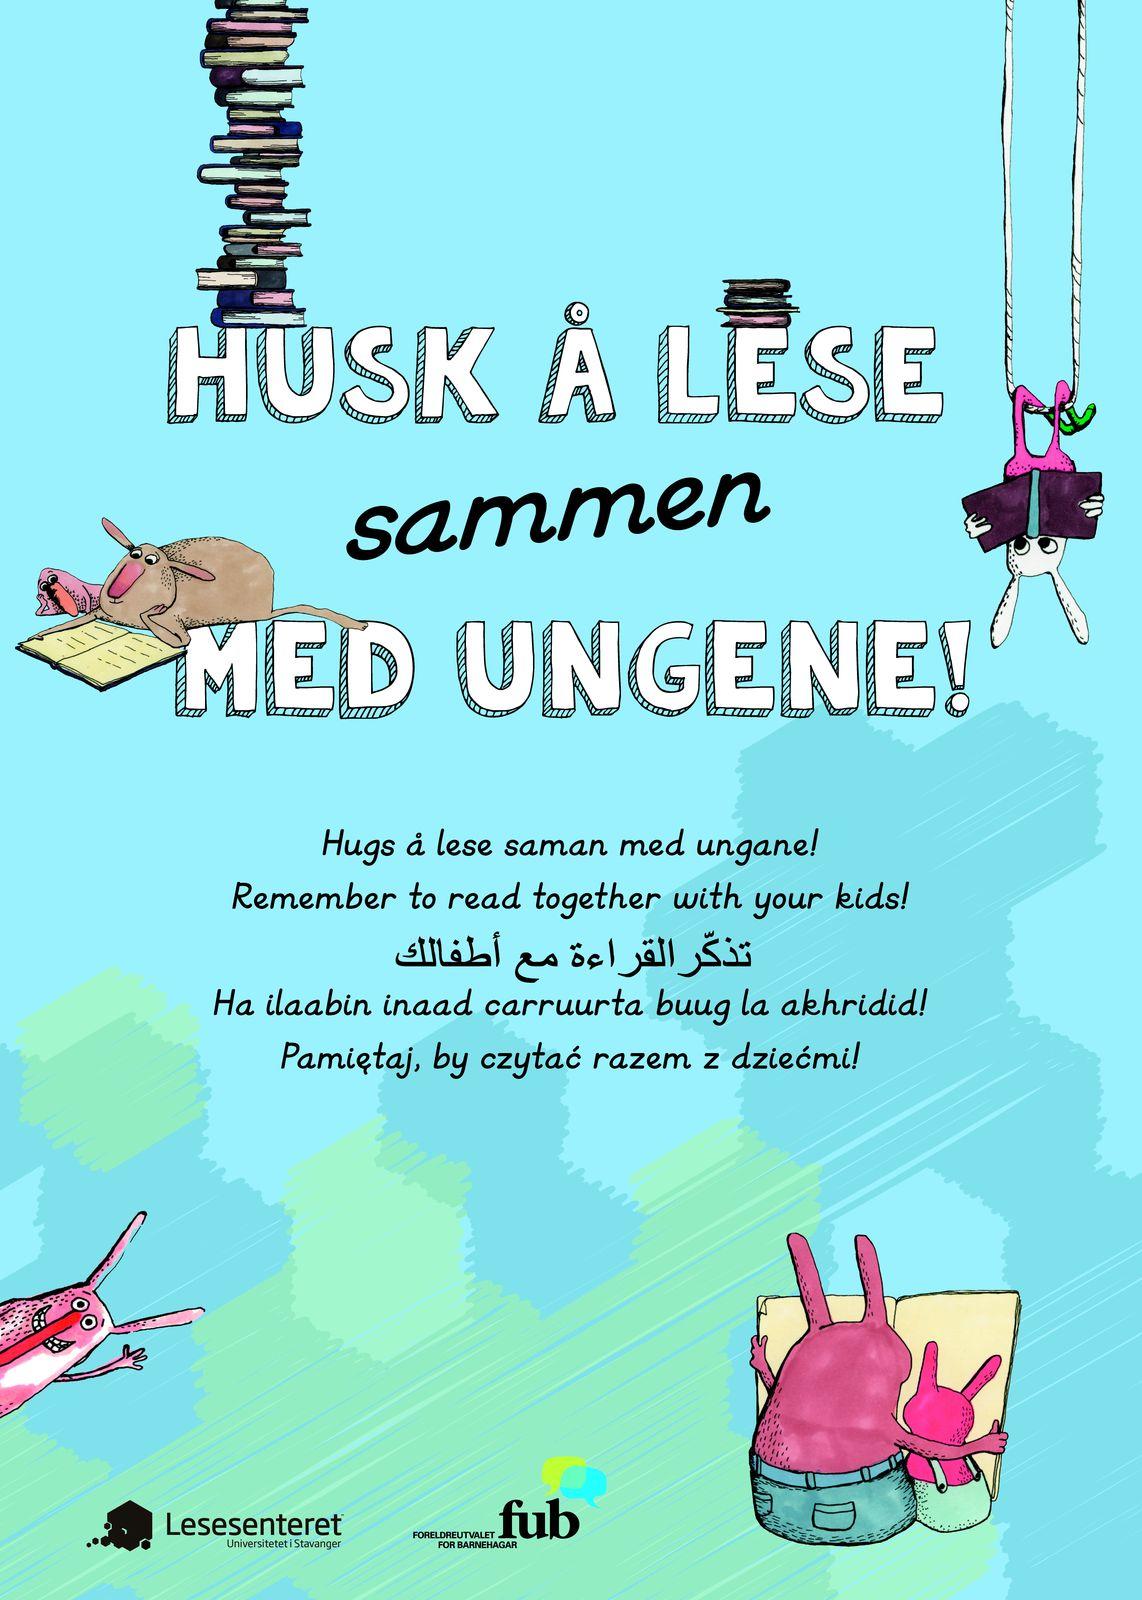 Husk å lese sammen med ungene, Plakat 50x70 (bokmål og diverse språk, bilde).jpg